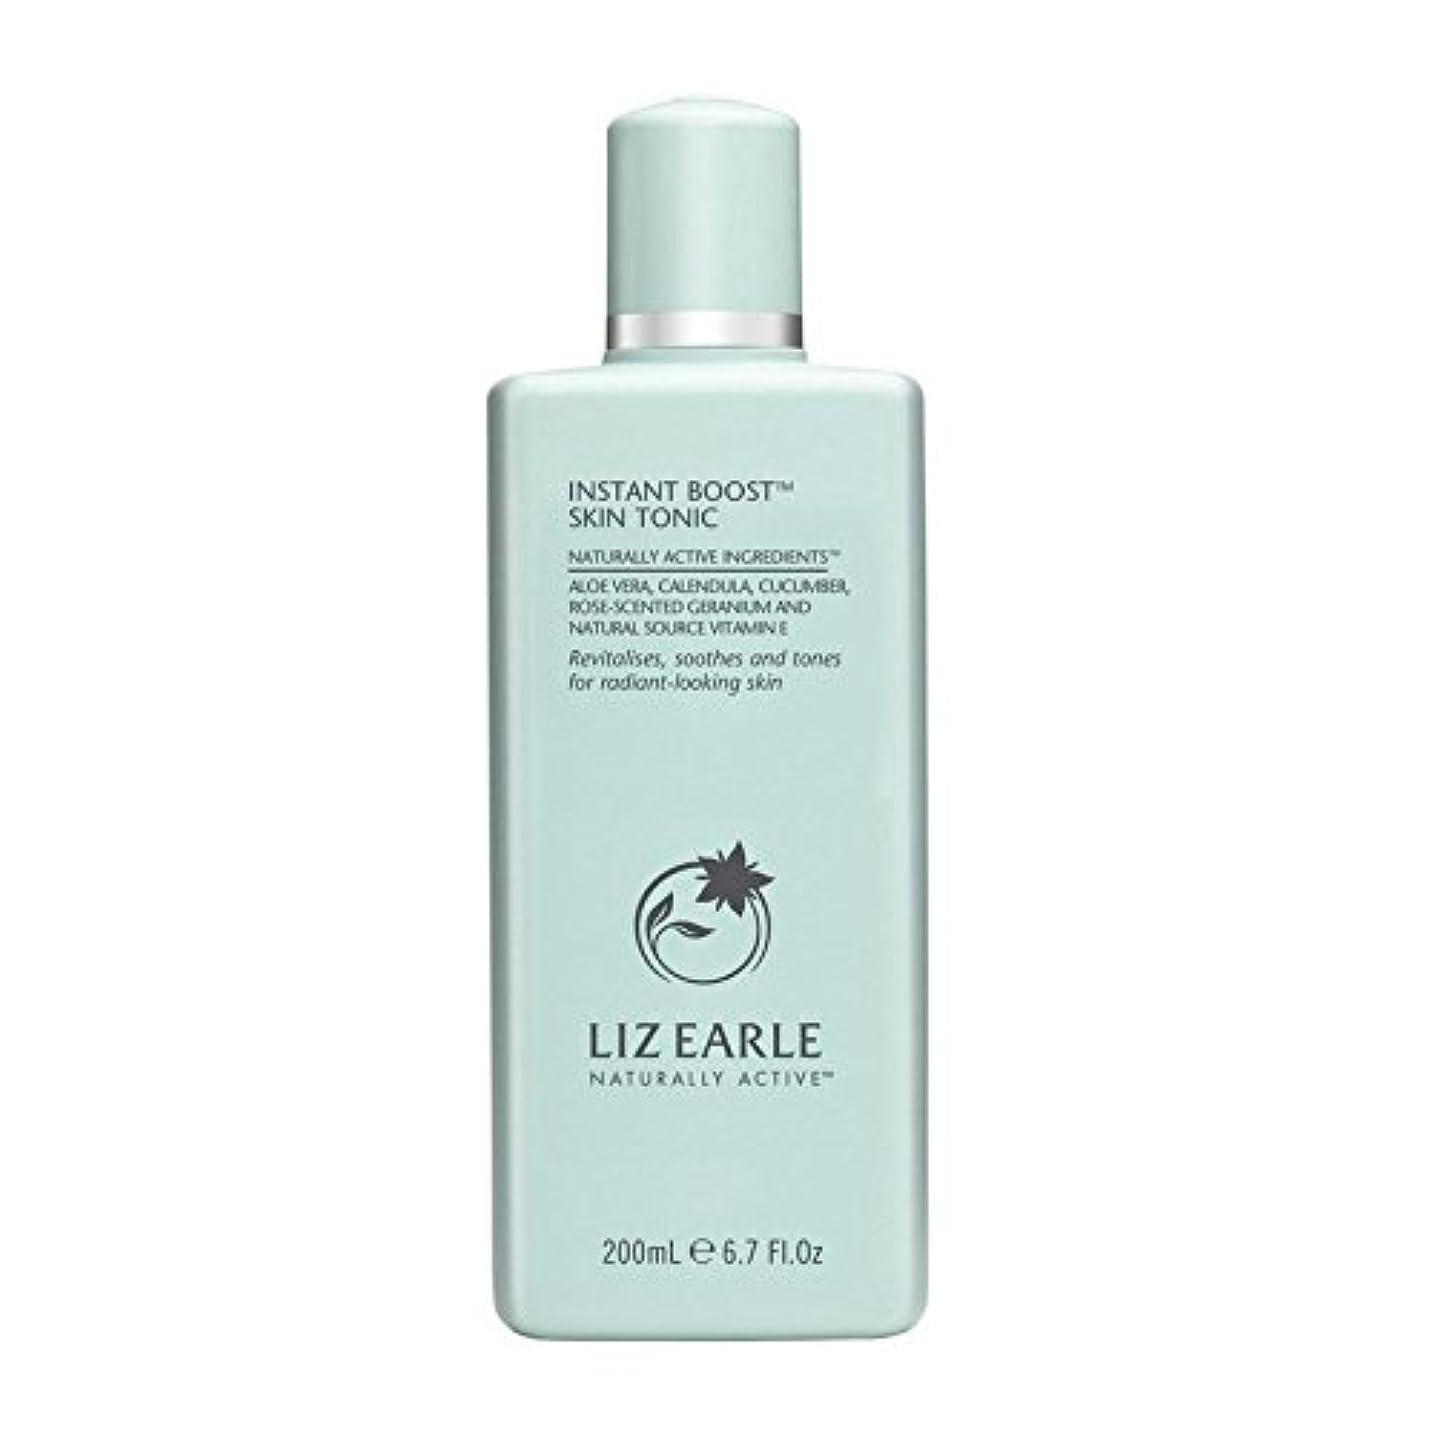 貨物ハードリング降臨リズアールインスタントブーストスキントニックボトル200ミリリットル x2 - Liz Earle Instant Boost Skin Tonic Bottle 200ml (Pack of 2) [並行輸入品]